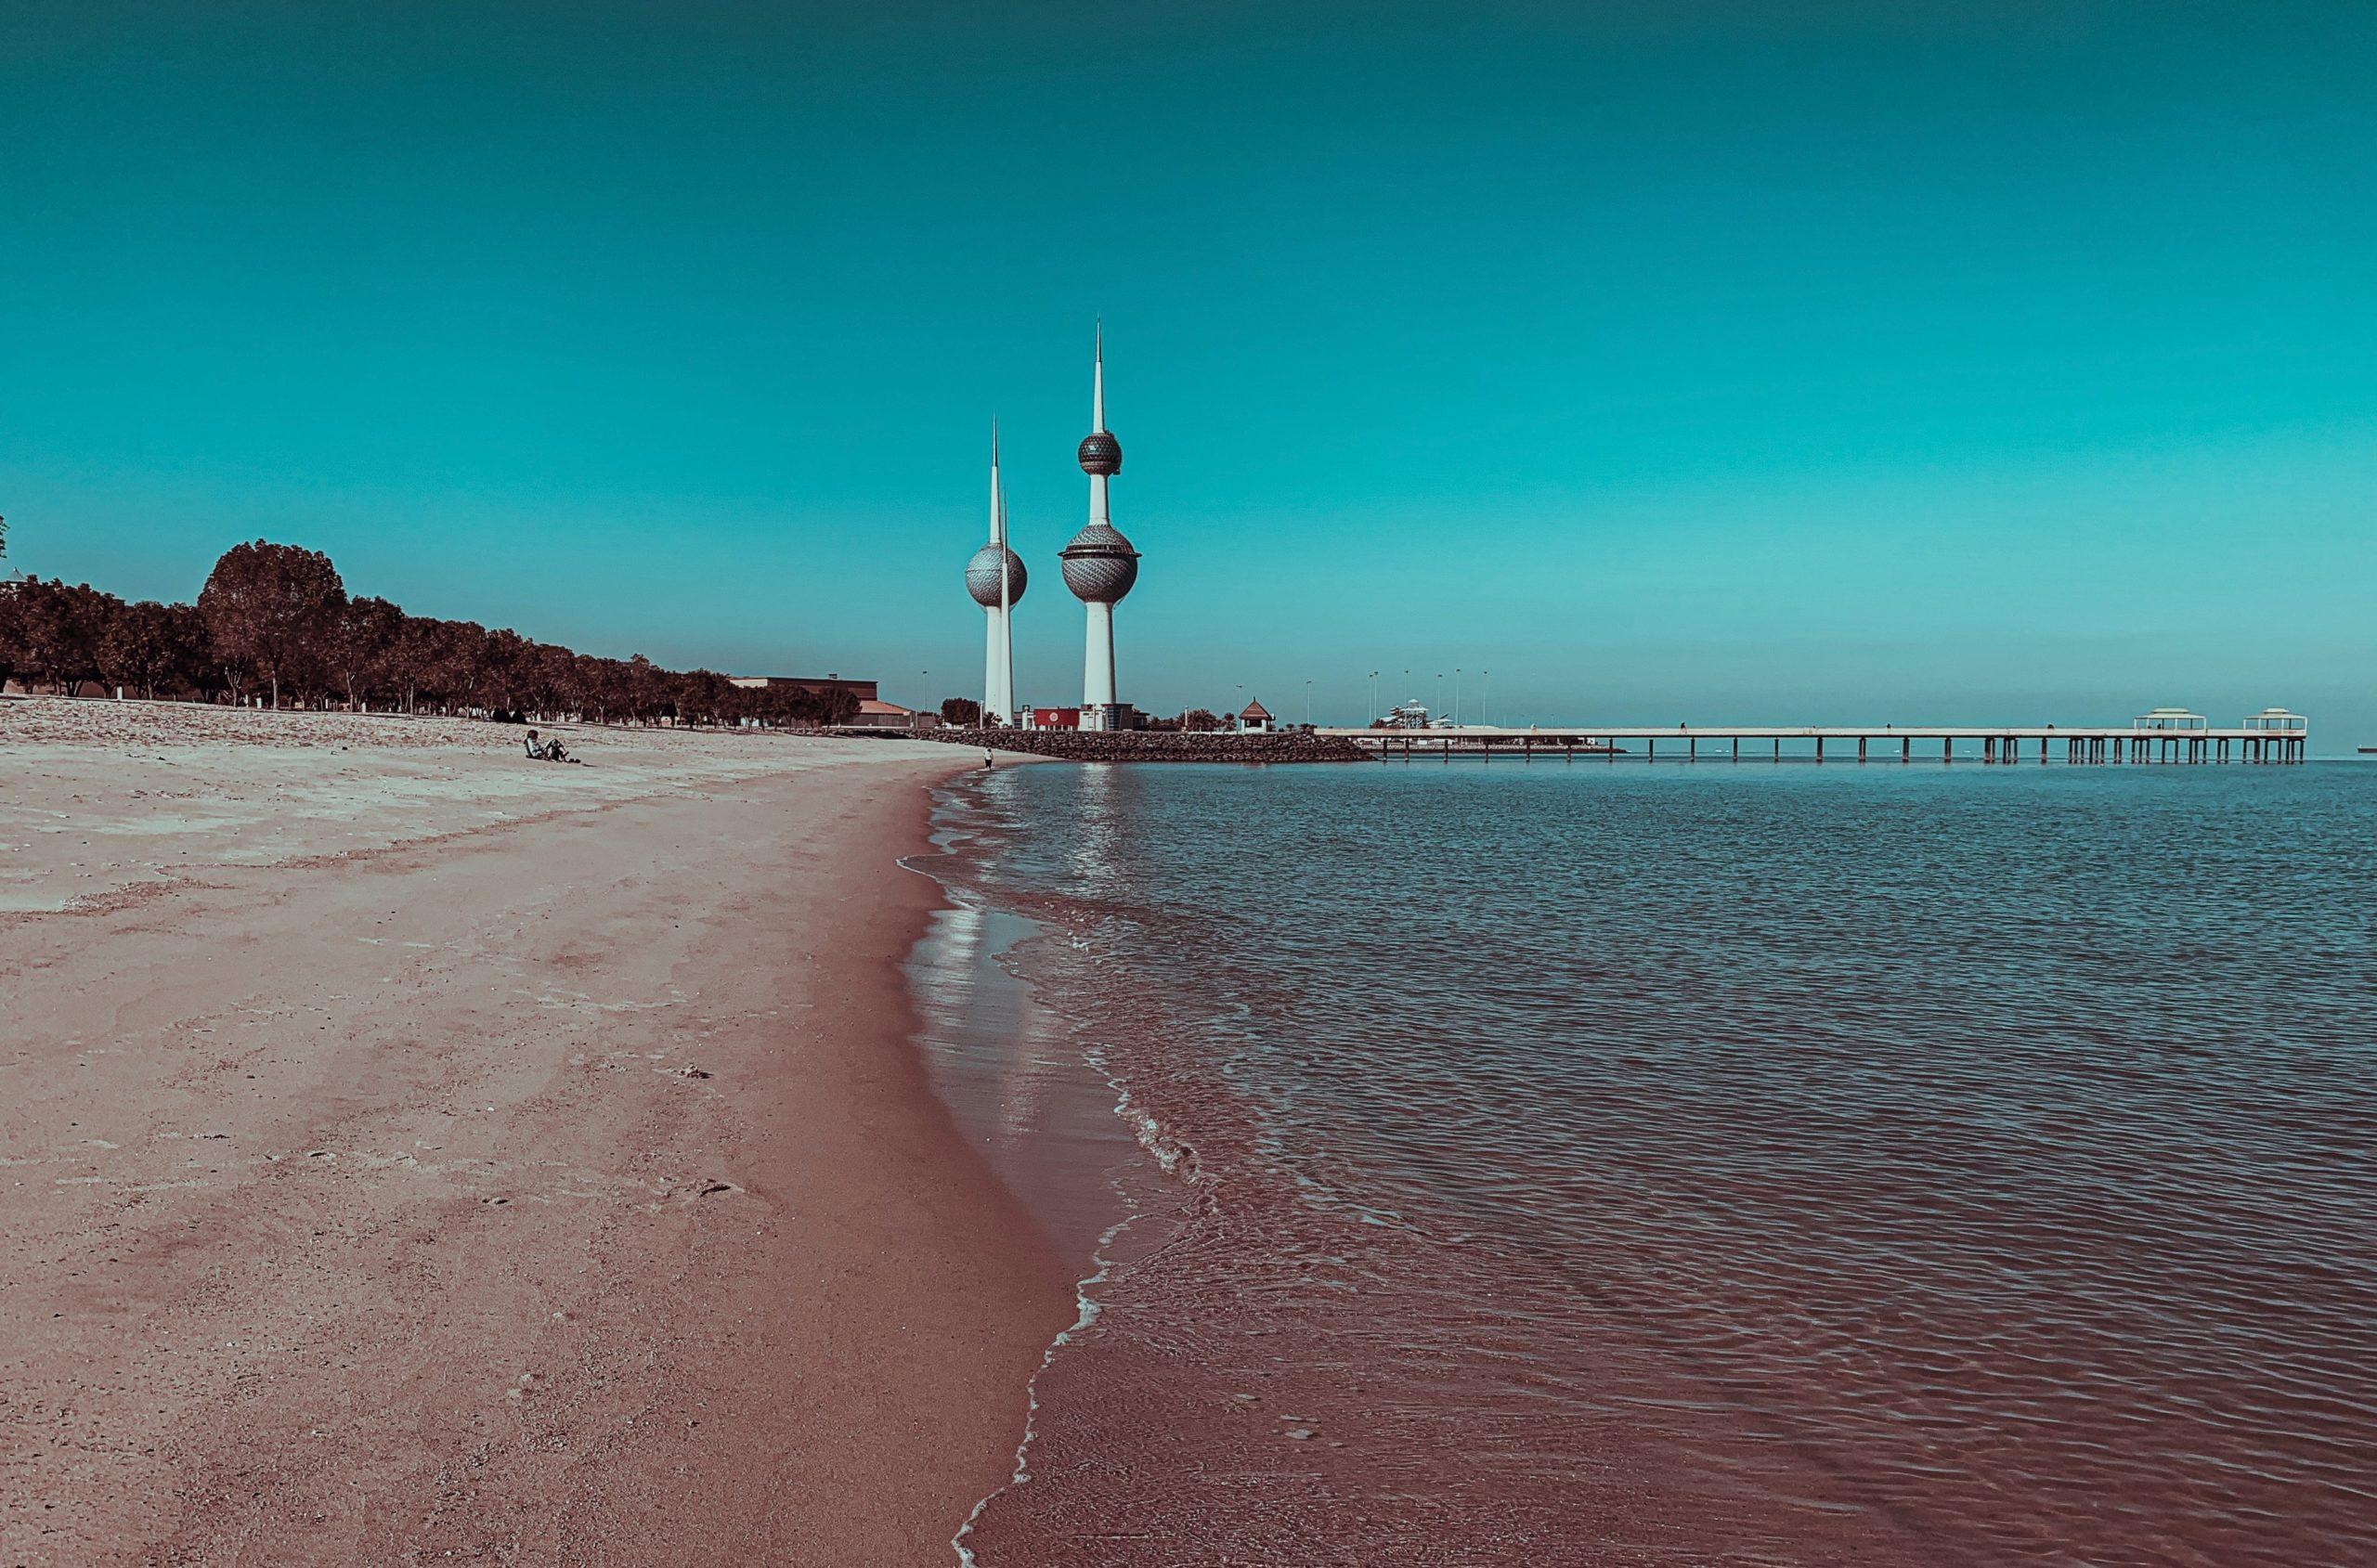 وجهات سياحية رائعة وجذابة في الكويت